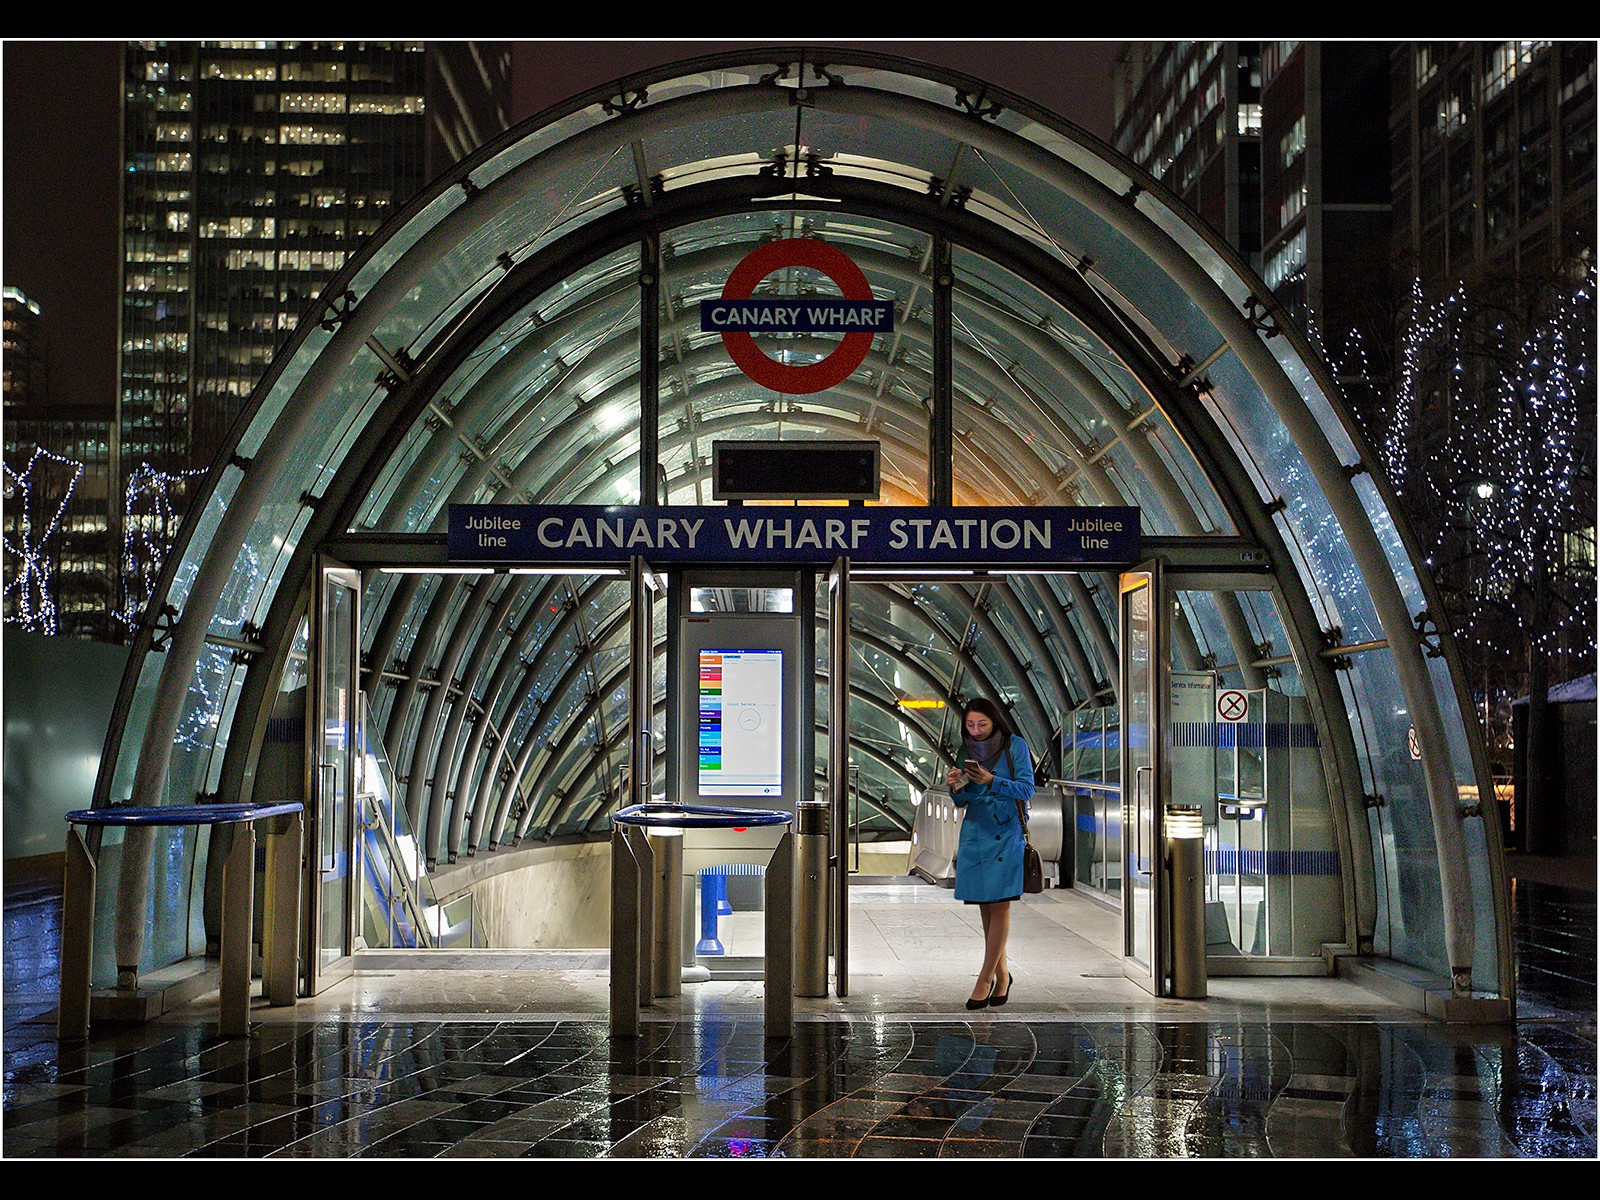 Rainy Night - Canary Wharf